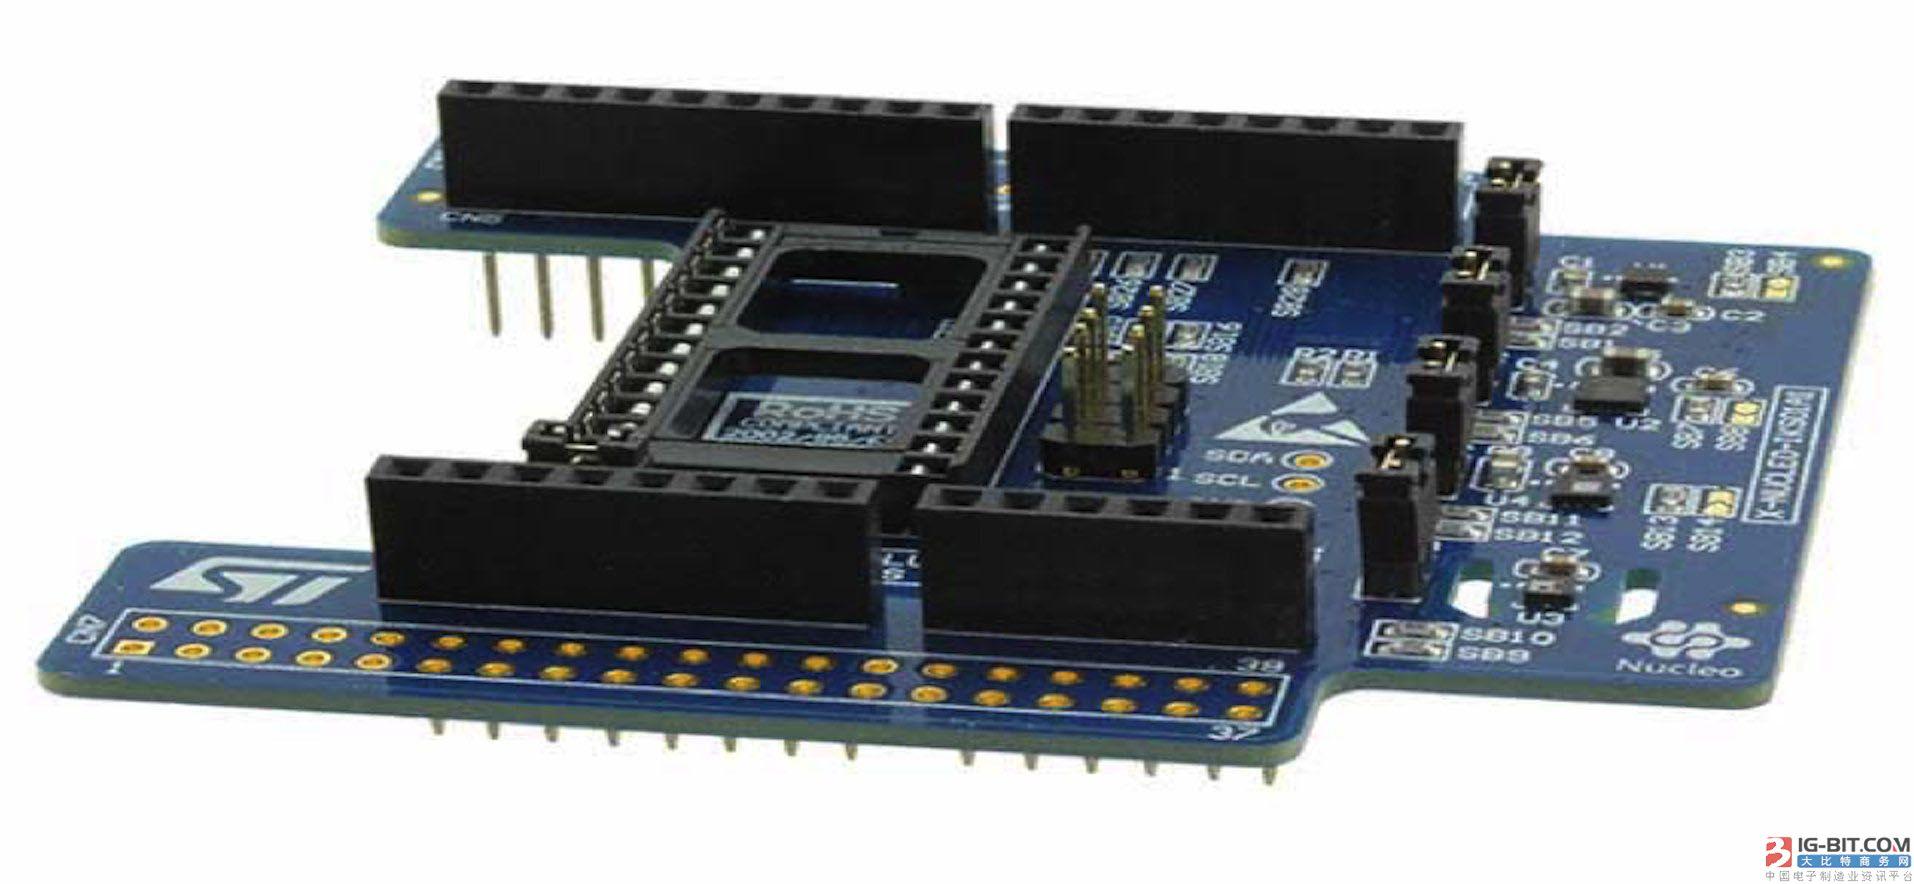 使用快速启动平台加速传感器到云端的连接